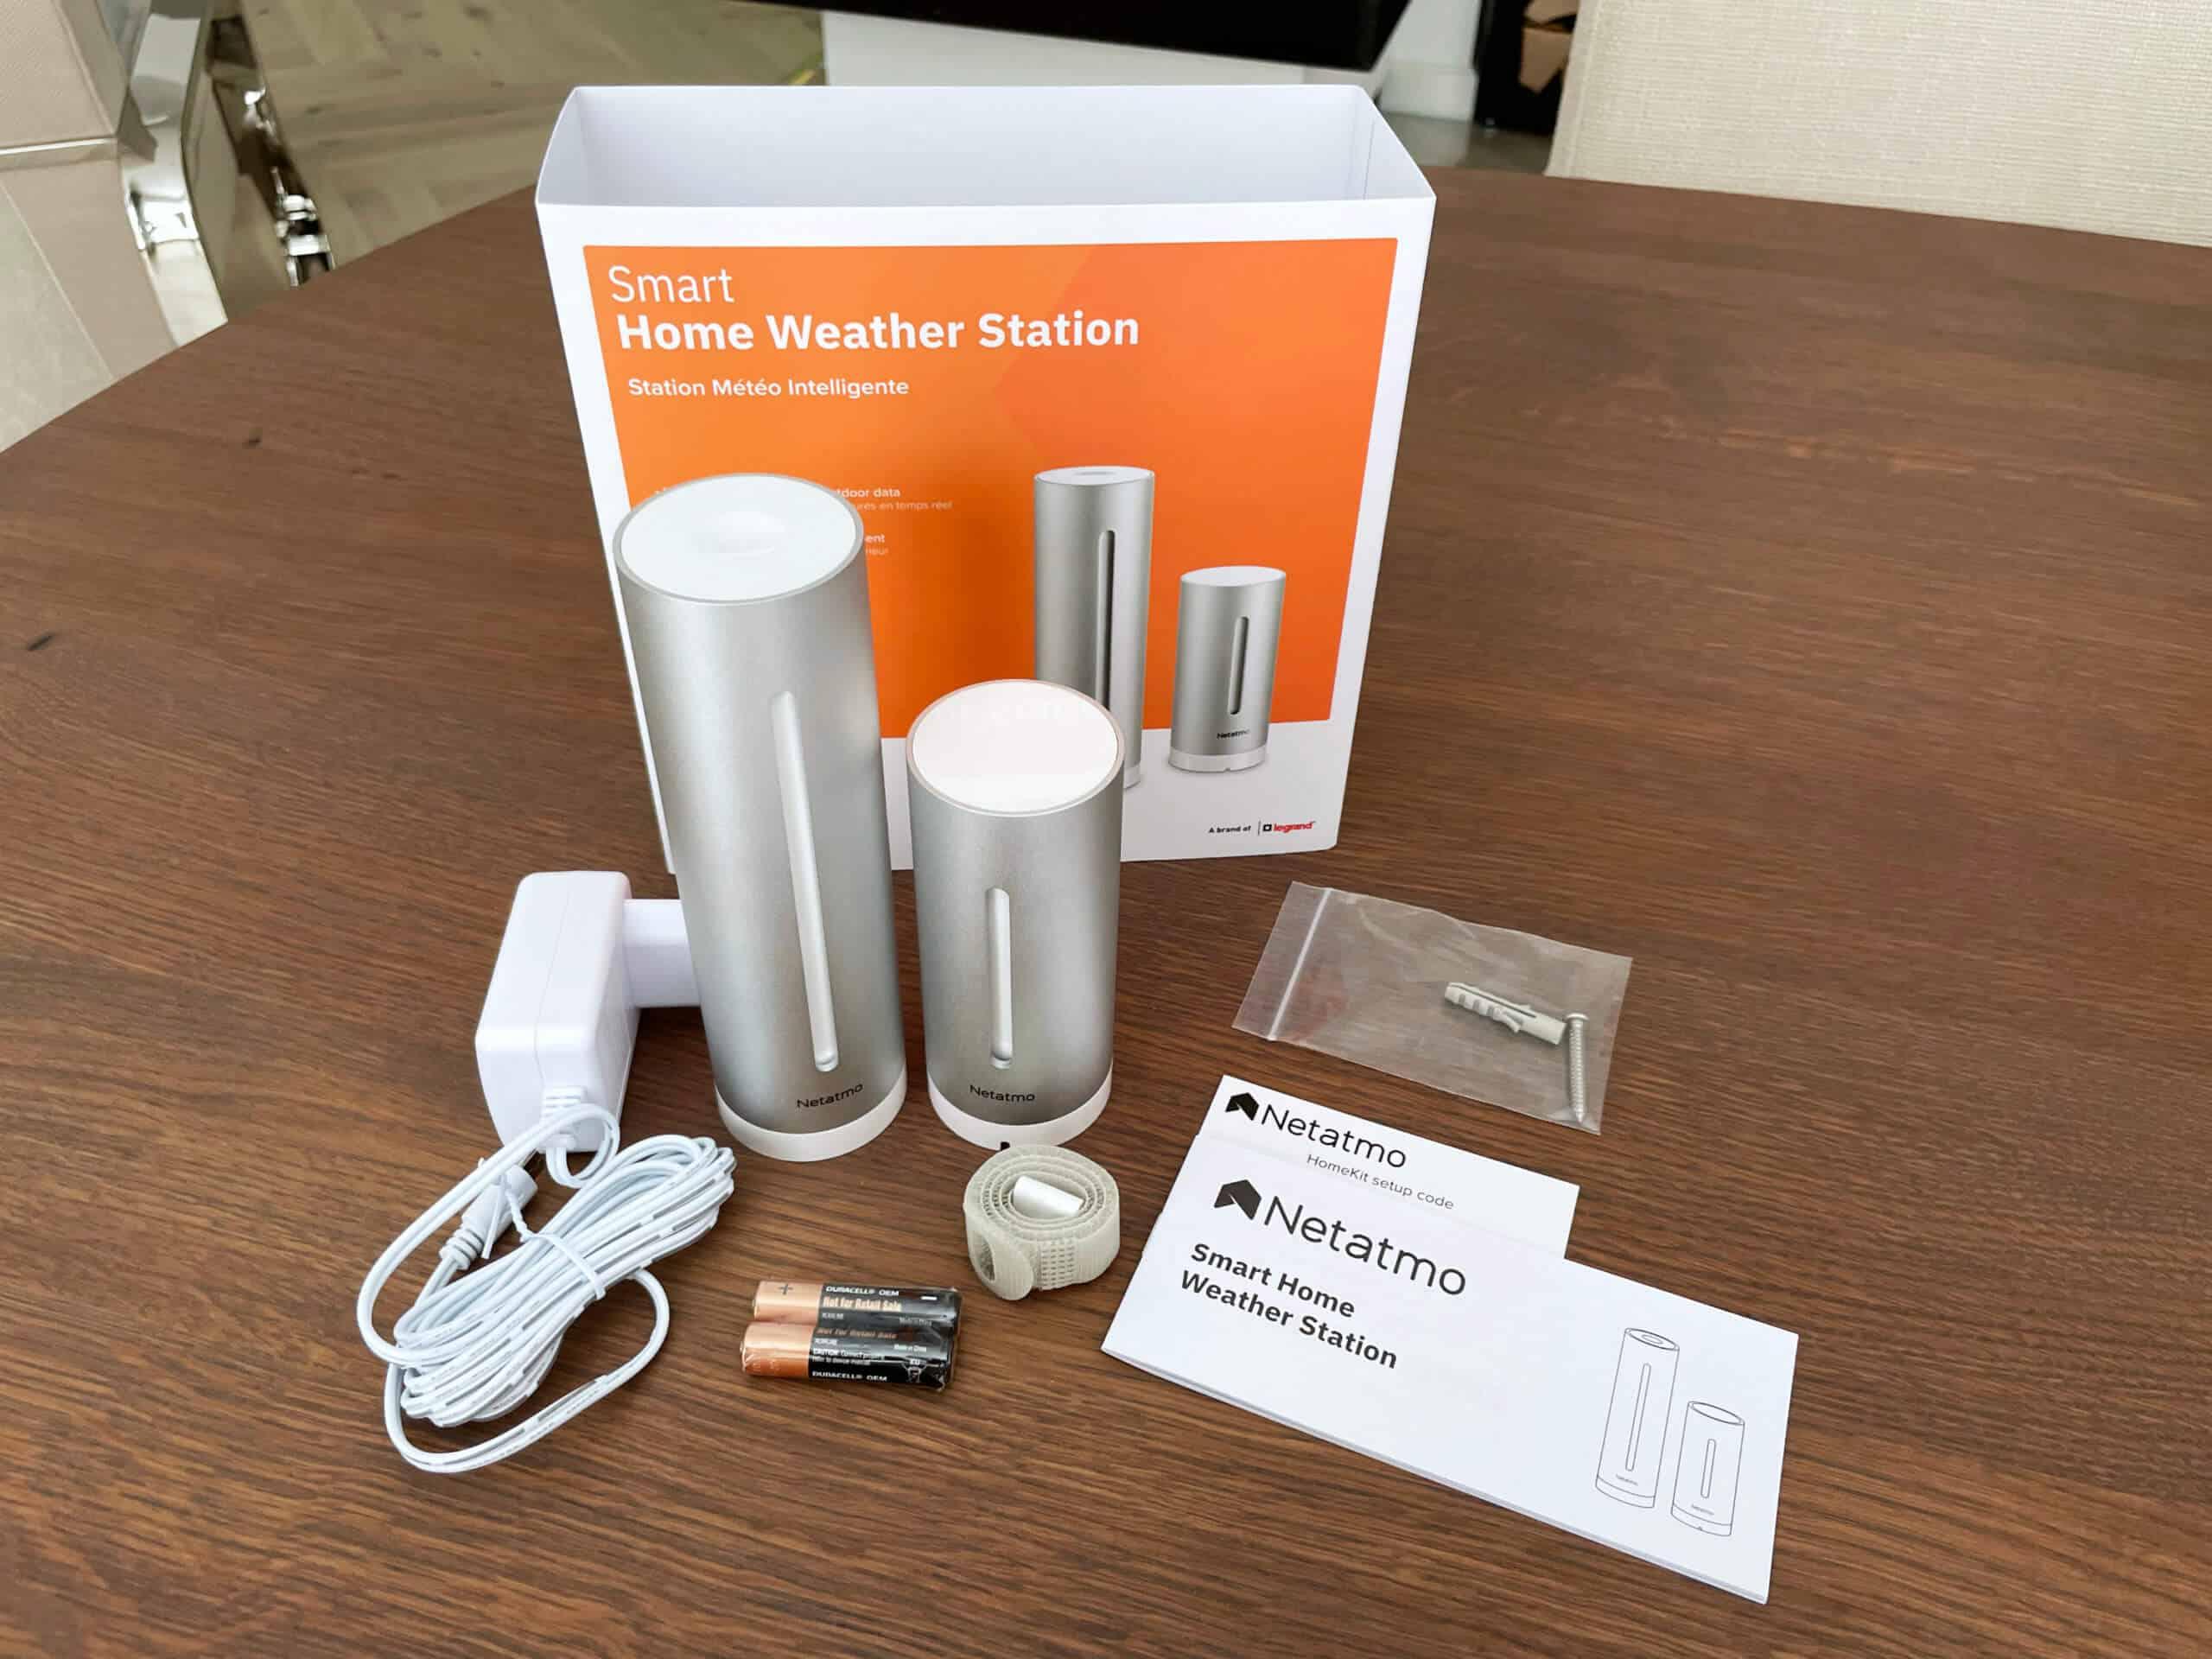 Das klassische Starter-Kit der Netatmo Wetterstation besteht aus einem Außenmodul und einem Innenmodul, welches gleichzeitig als Bridge fungiert.